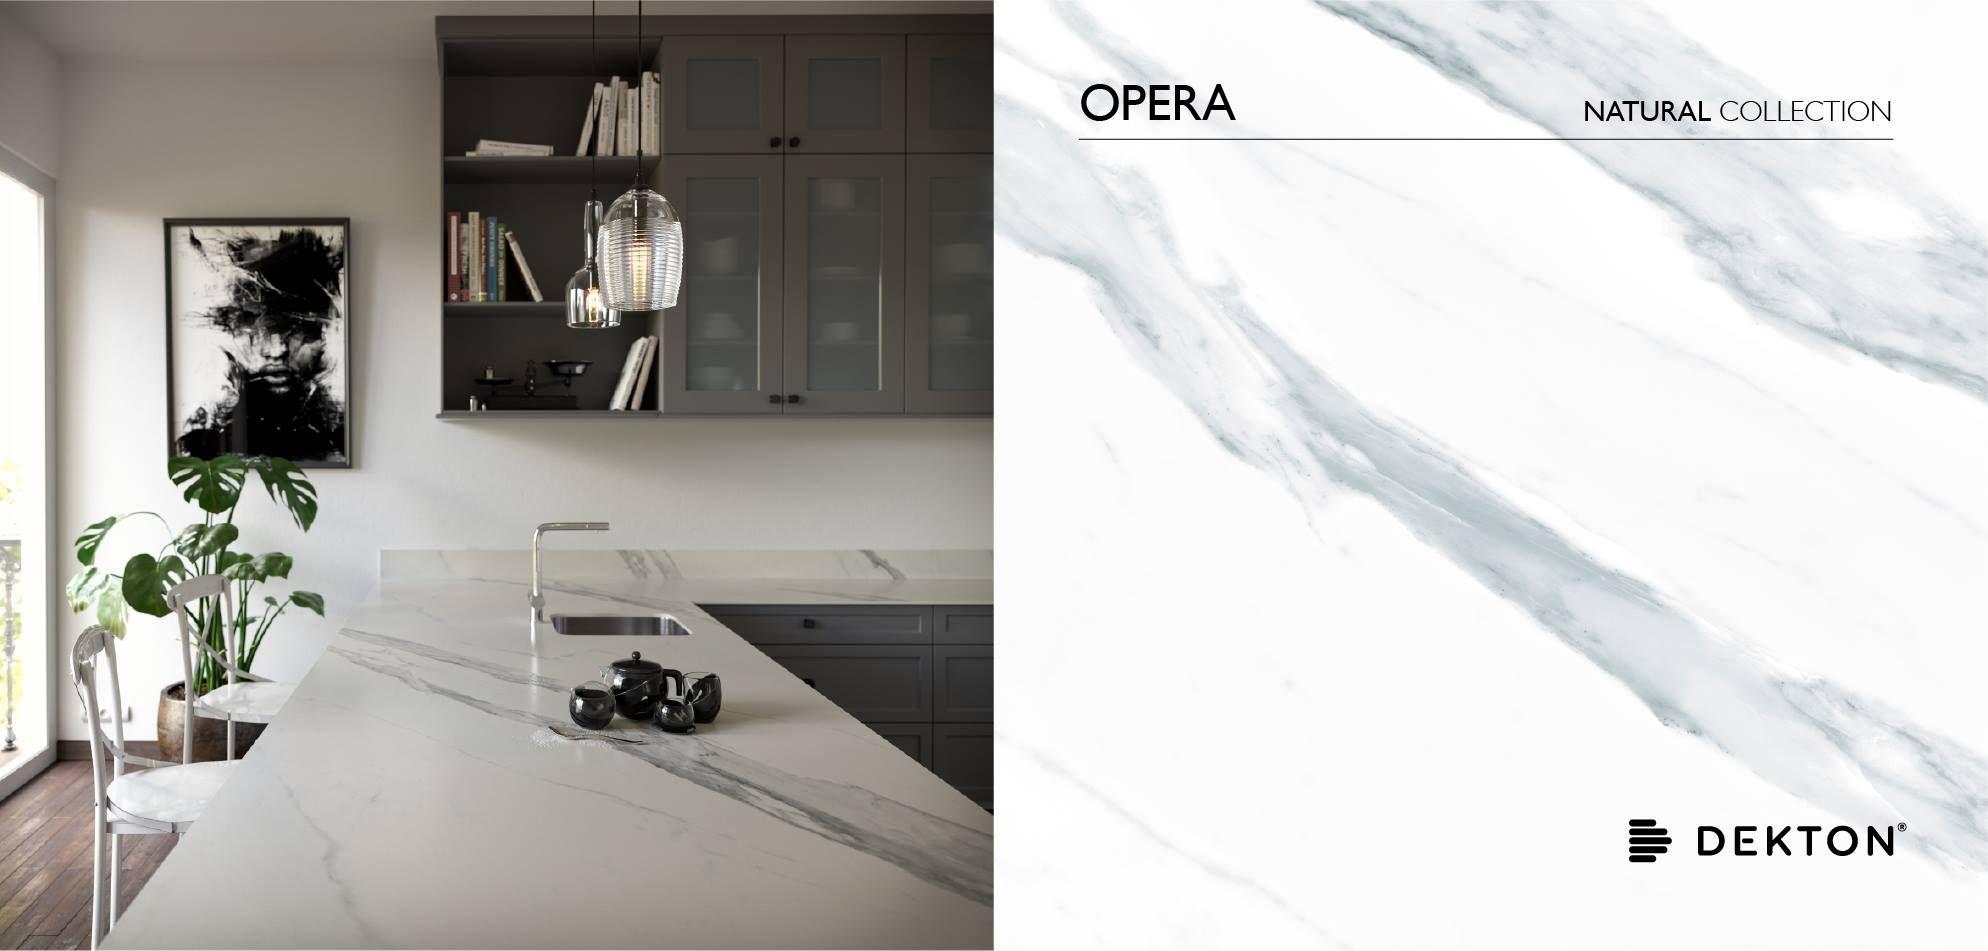 Dekton Opera Keuken